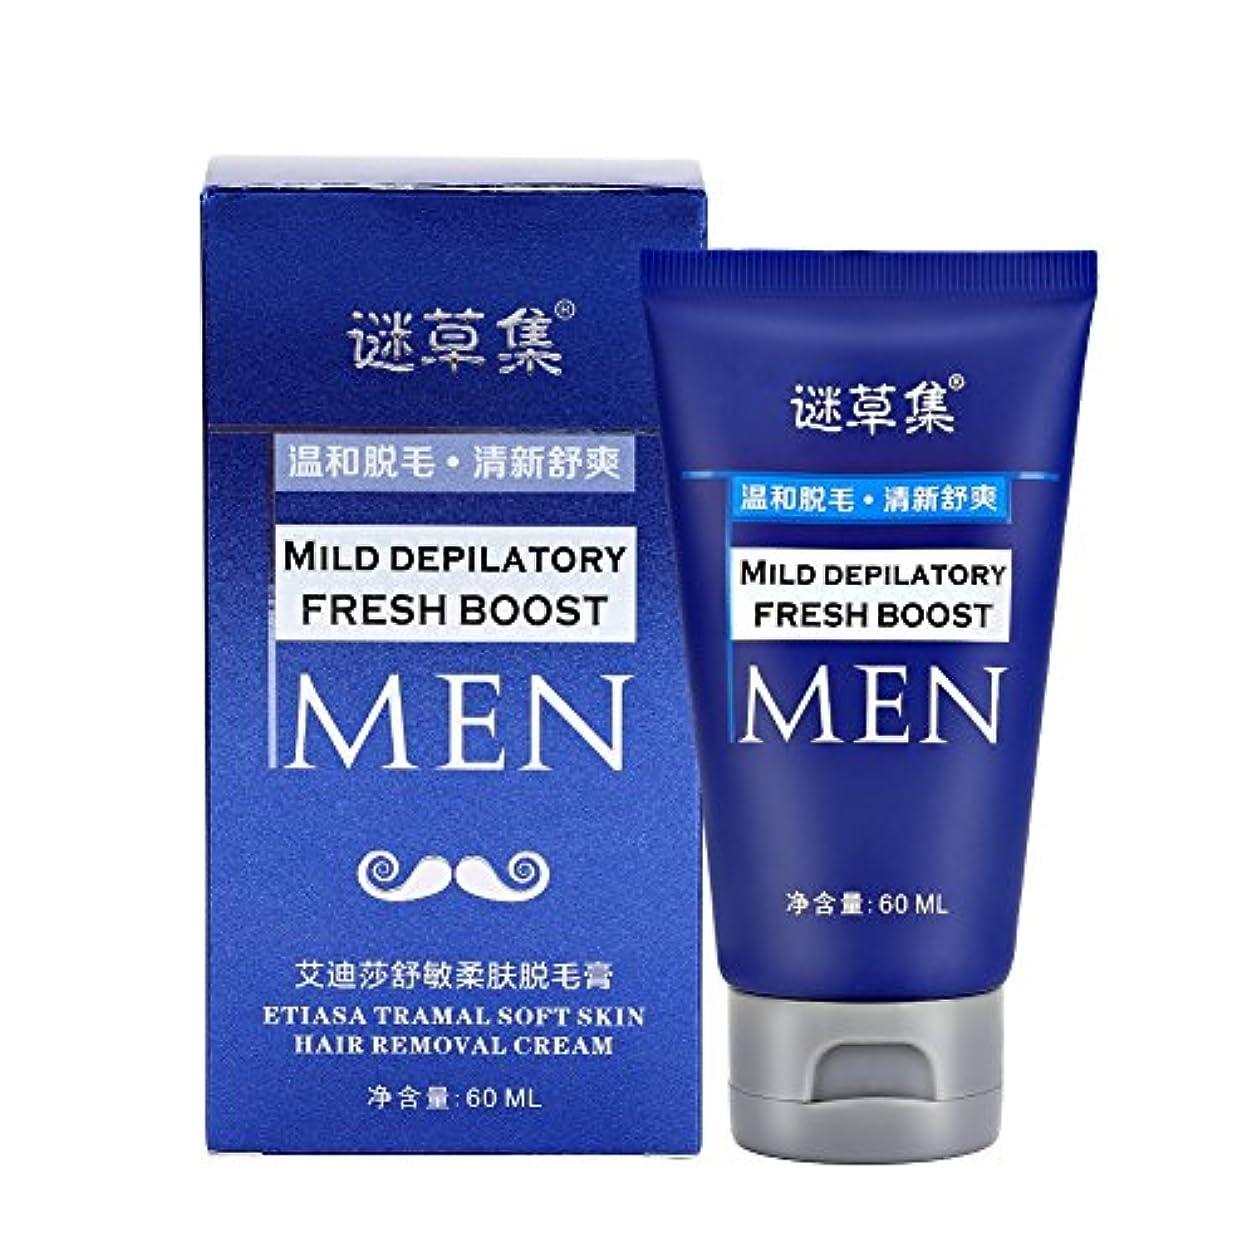 ヘルメット相談するヒゲ脱毛クリーム、60ML男性のボディ脱毛腕の脚の髪の痛みを除去する美容クリーム 脱毛クリーム